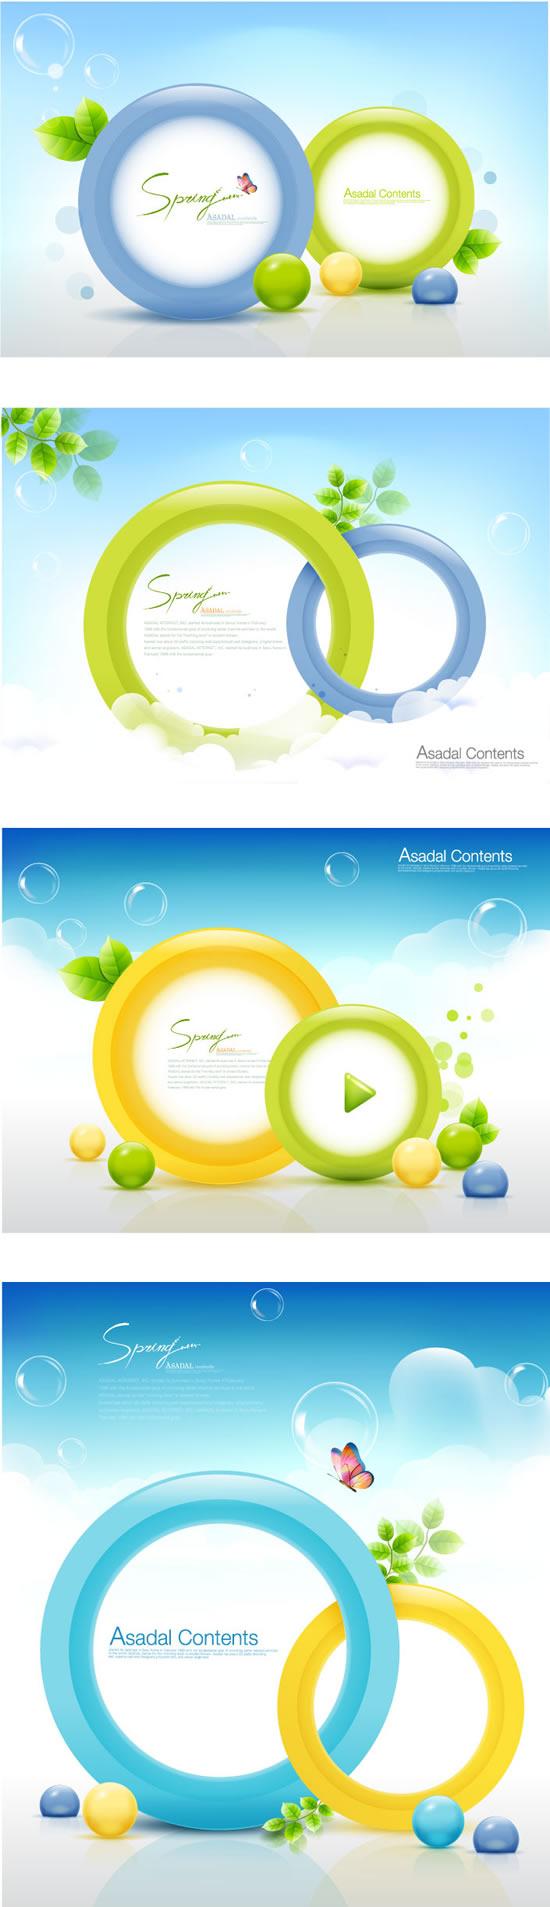 彩环气泡,背景,嫩绿树叶,蝴蝶飞舞,彩球,清新背景图片素材,背景ai矢量